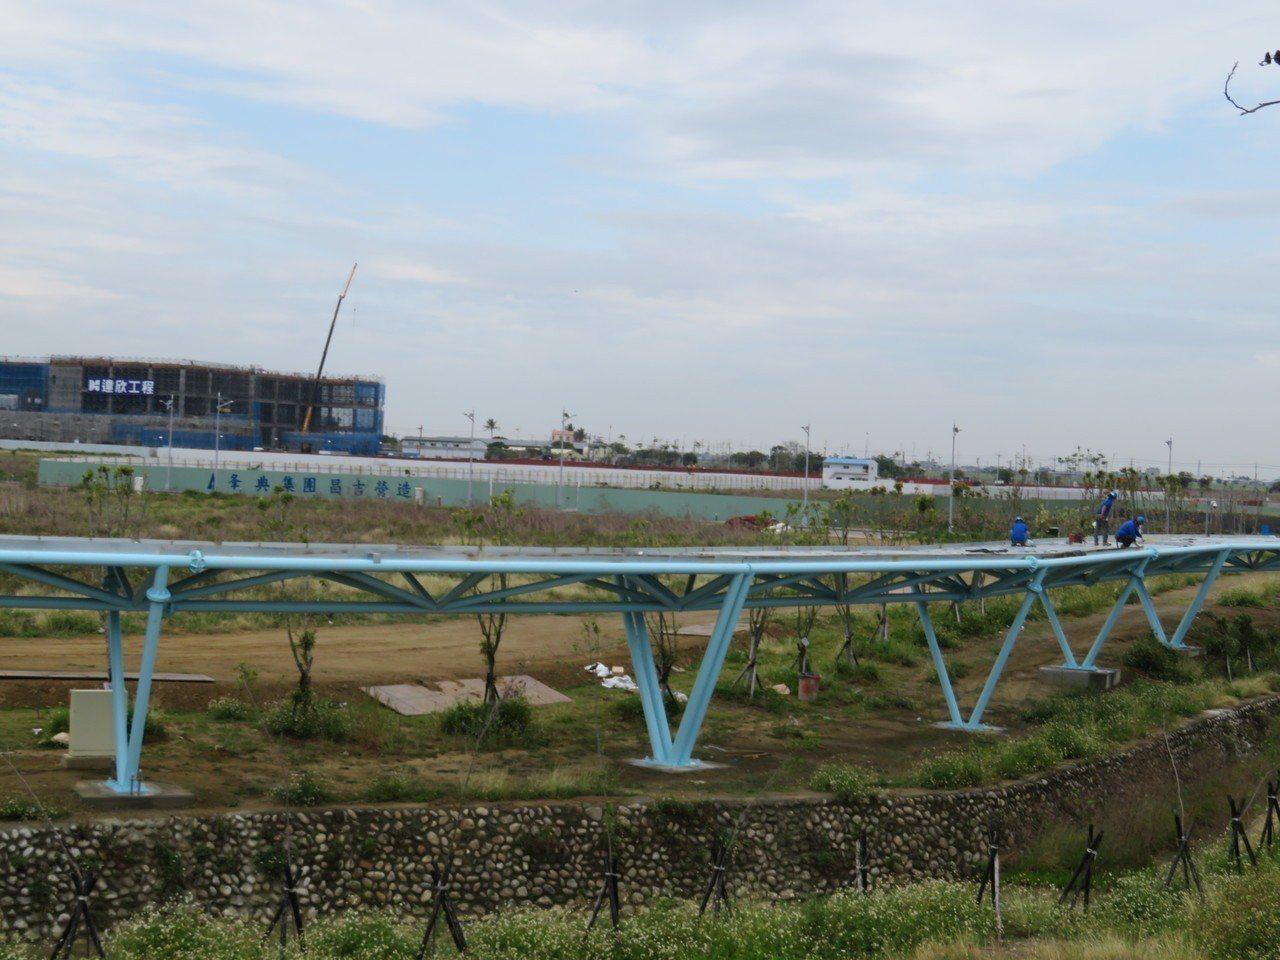 嘉義縣馬稠後產業園區施設國內首座空中自行車道,遠望有如一條藍帶高掛半空吸睛,預定...